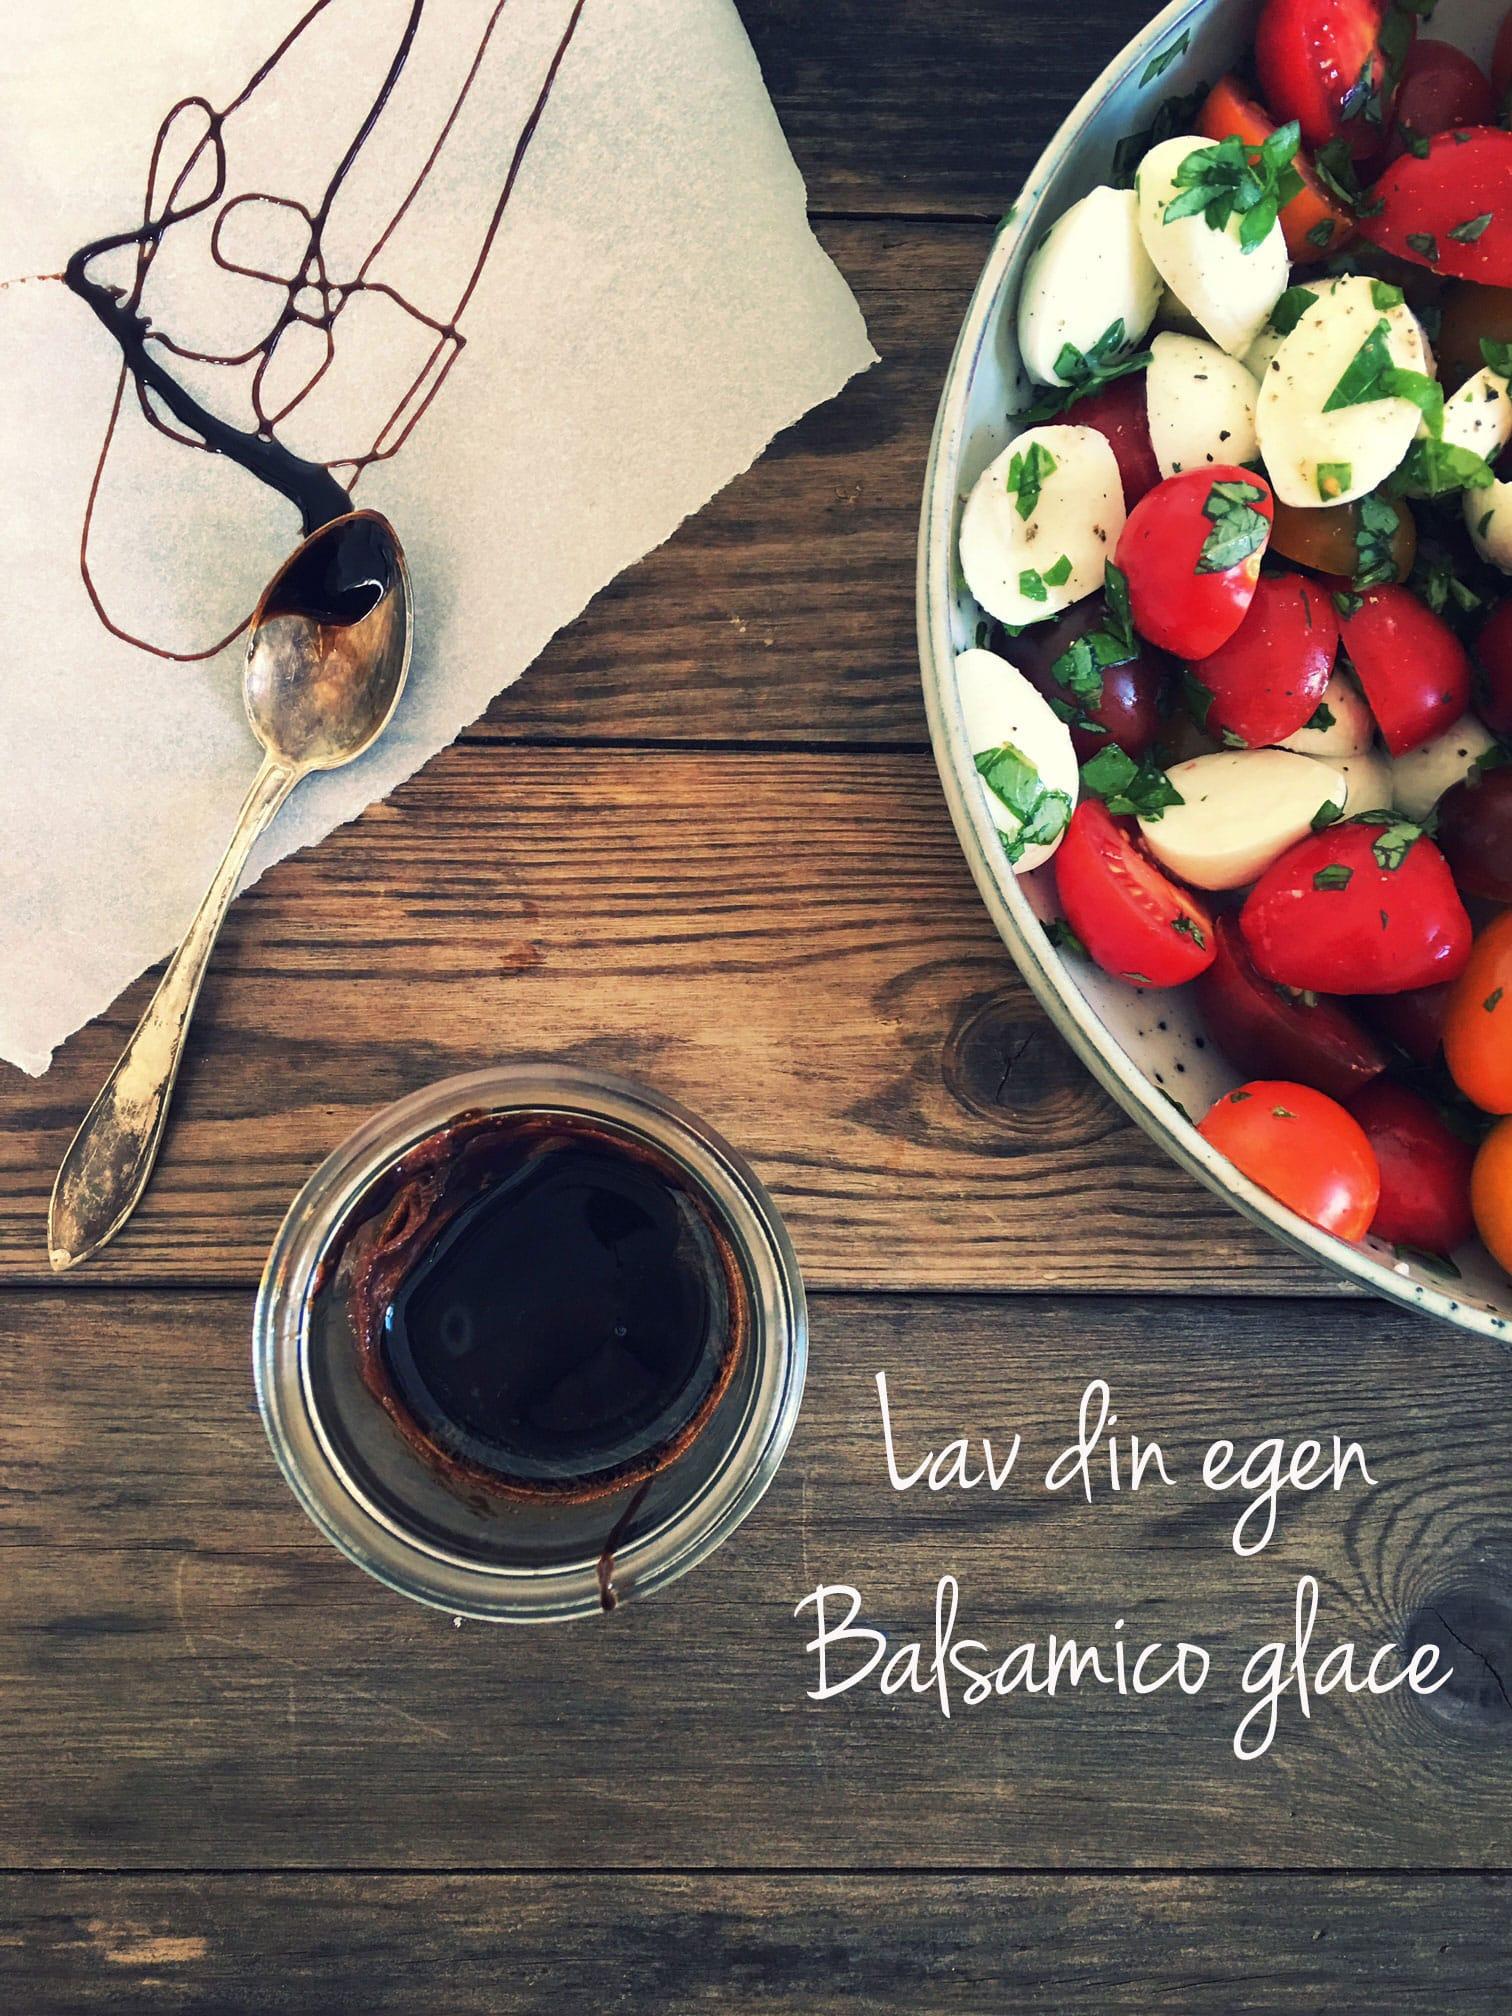 Sådan laver du din egen balsamico glace. Nemt trick, der helt sikkert vil imponere dine gæster. Se opskriften her: